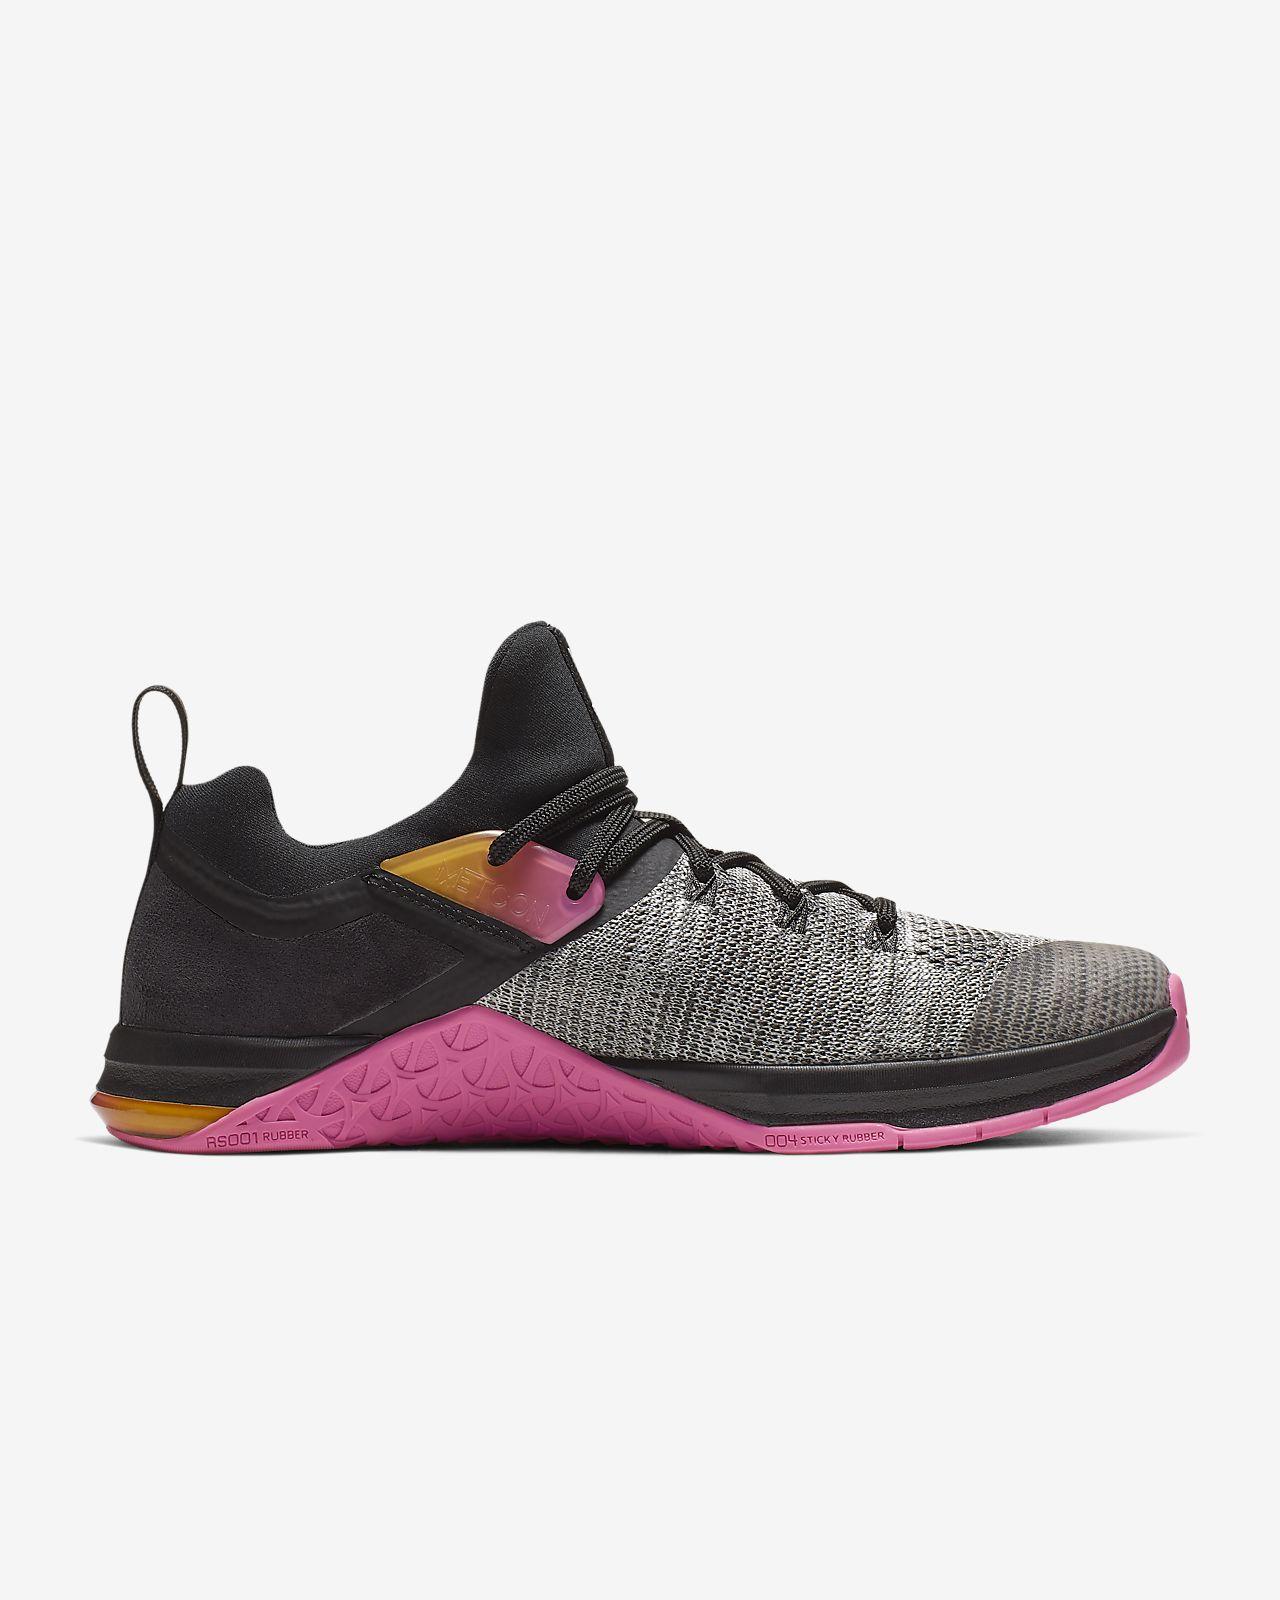 newest 2c87b 29659 ... Chaussure de cross-training et de renforcement musculaire Nike Metcon  Flyknit 3 pour Femme